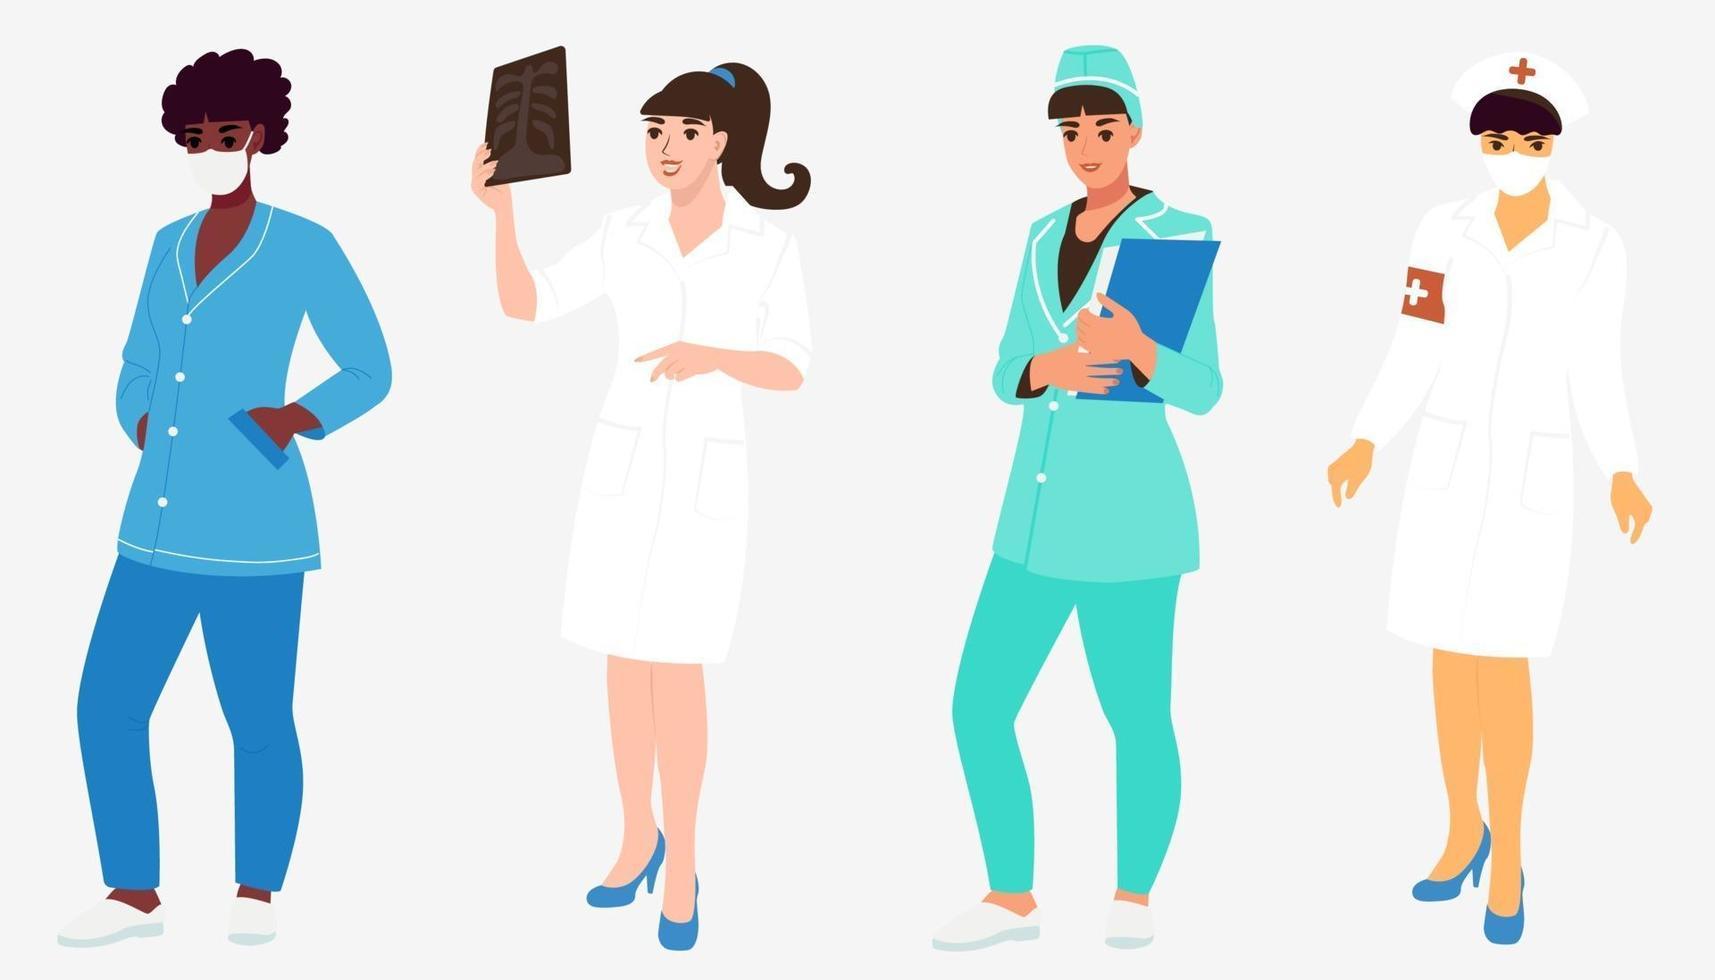 een stel meisjesverpleegsters, dokters van verschillende nationaliteiten. Afro-Amerikaanse, Aziatische en blanke vrouwelijke medische professional. platte vectorillustratie vector